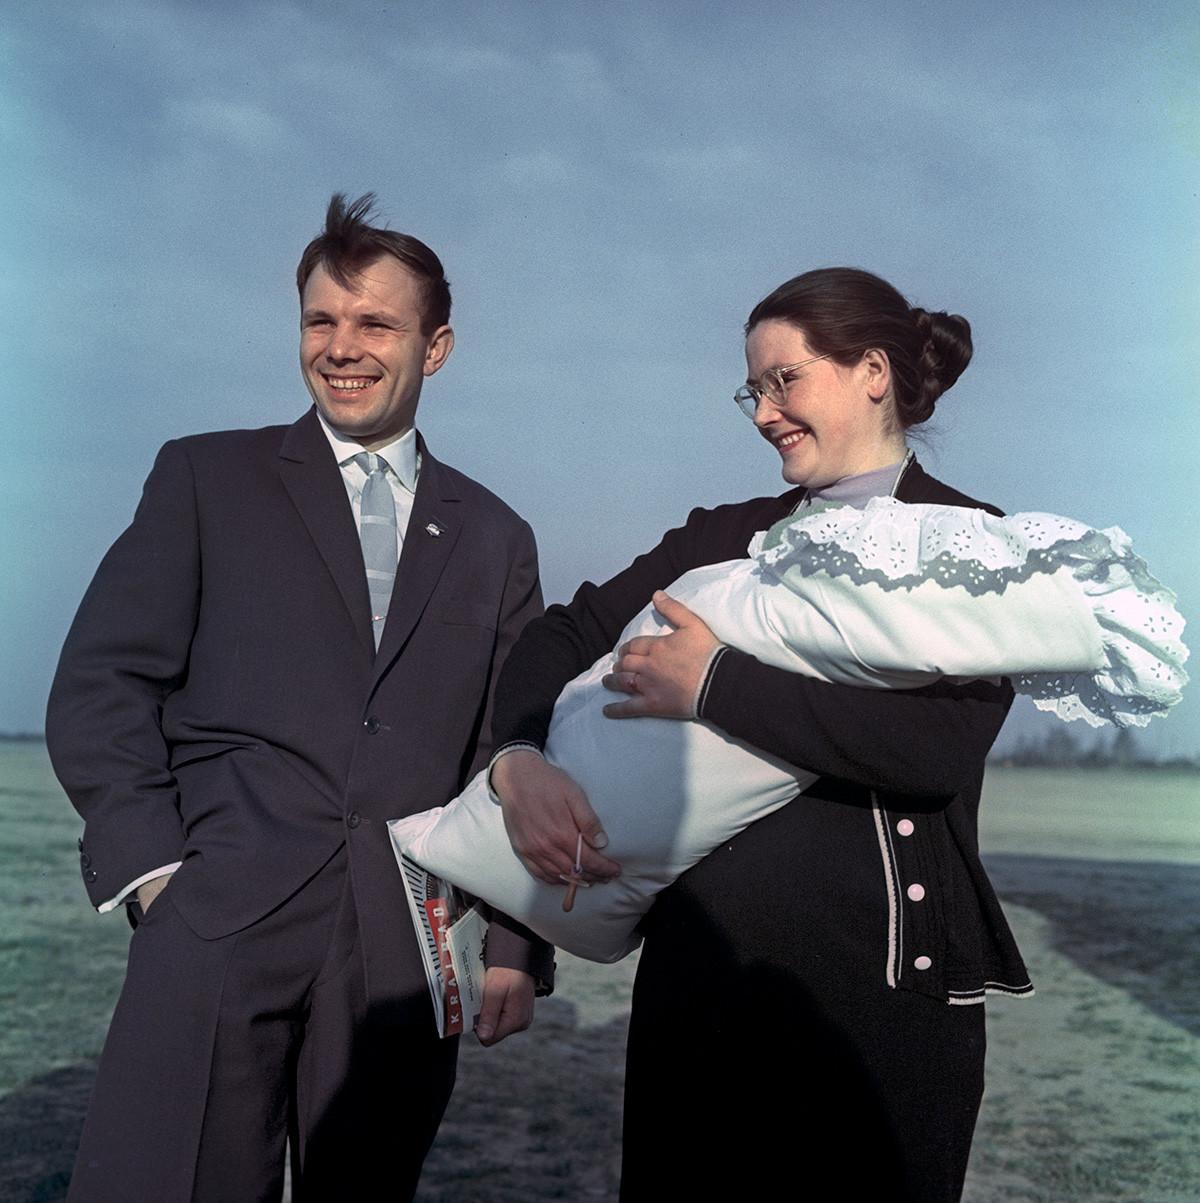 ガガーリン夫妻と娘ガリーナ、1961年5月1日